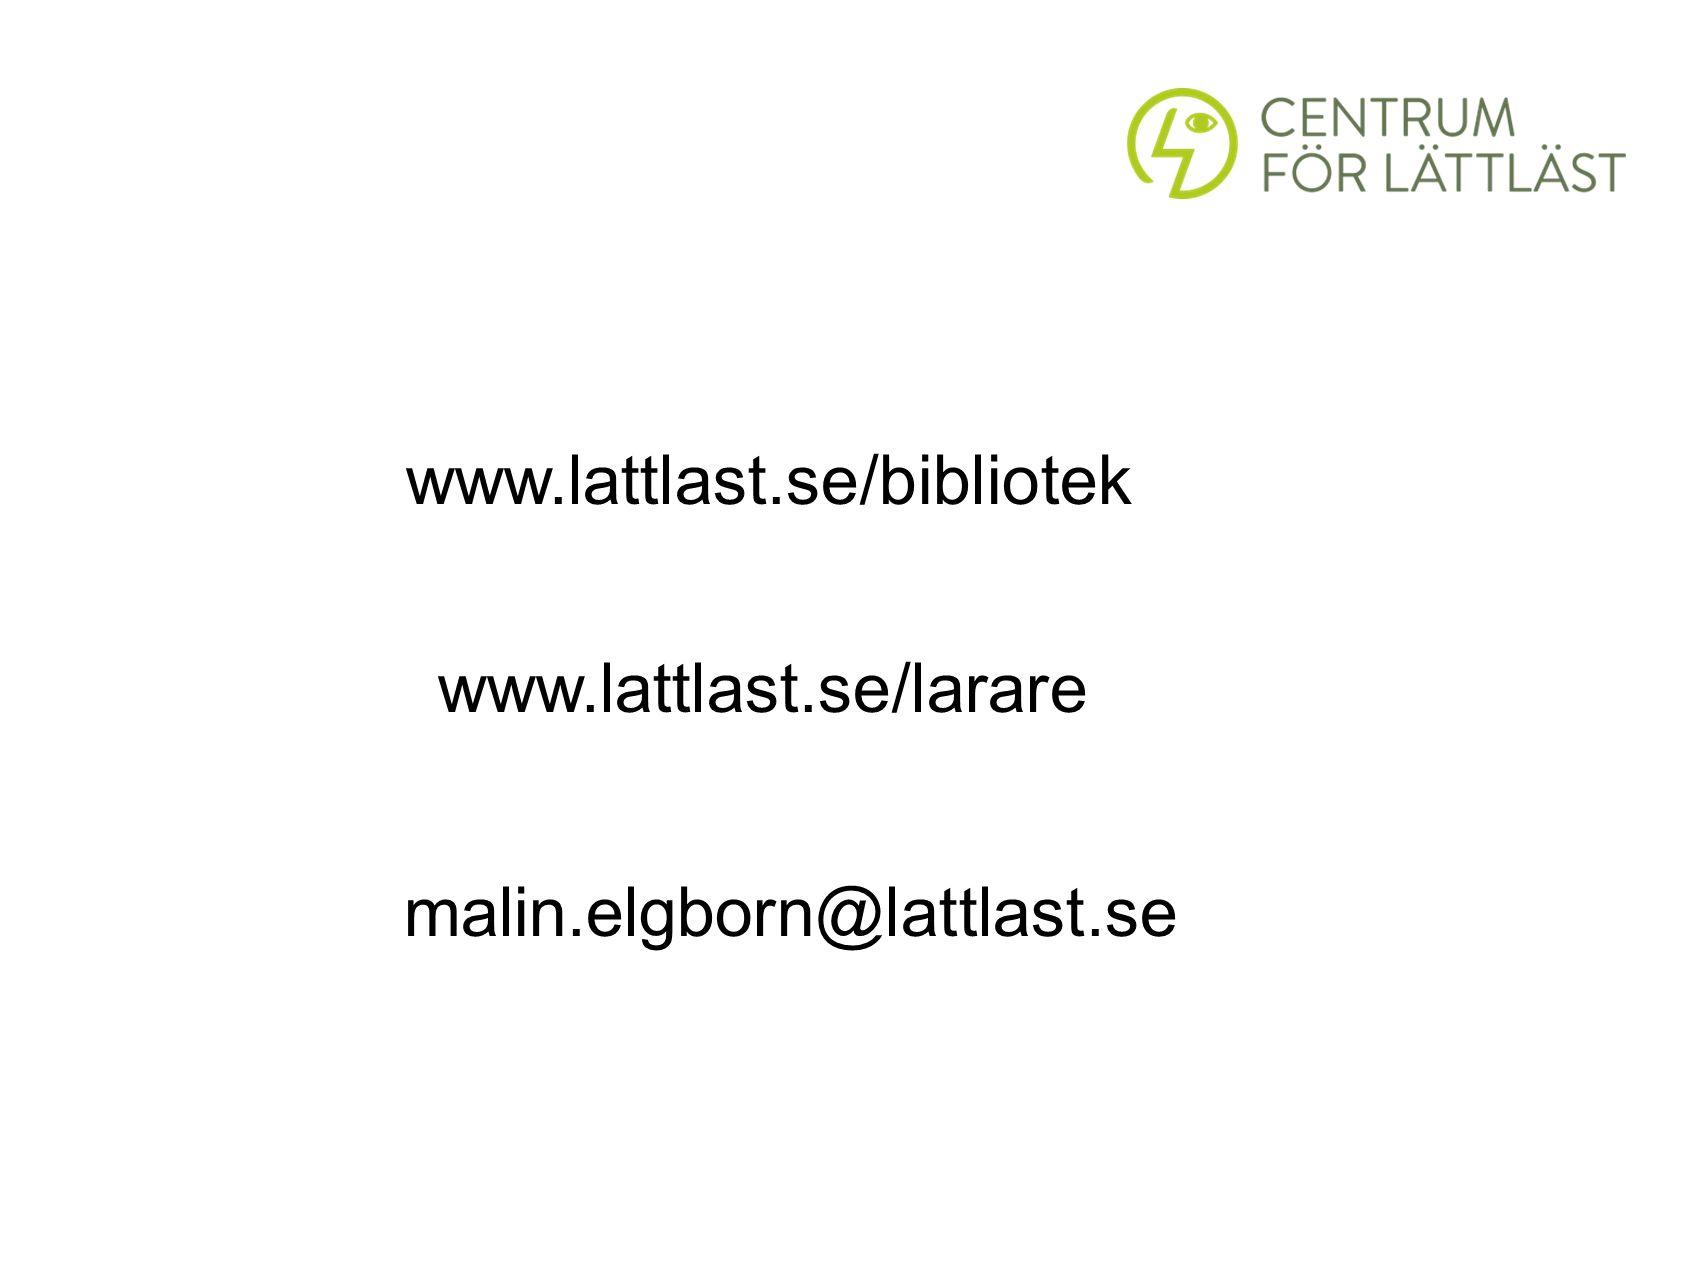 www.lattlast.se/bibliotek www.lattlast.se/larare malin.elgborn@lattlast.se